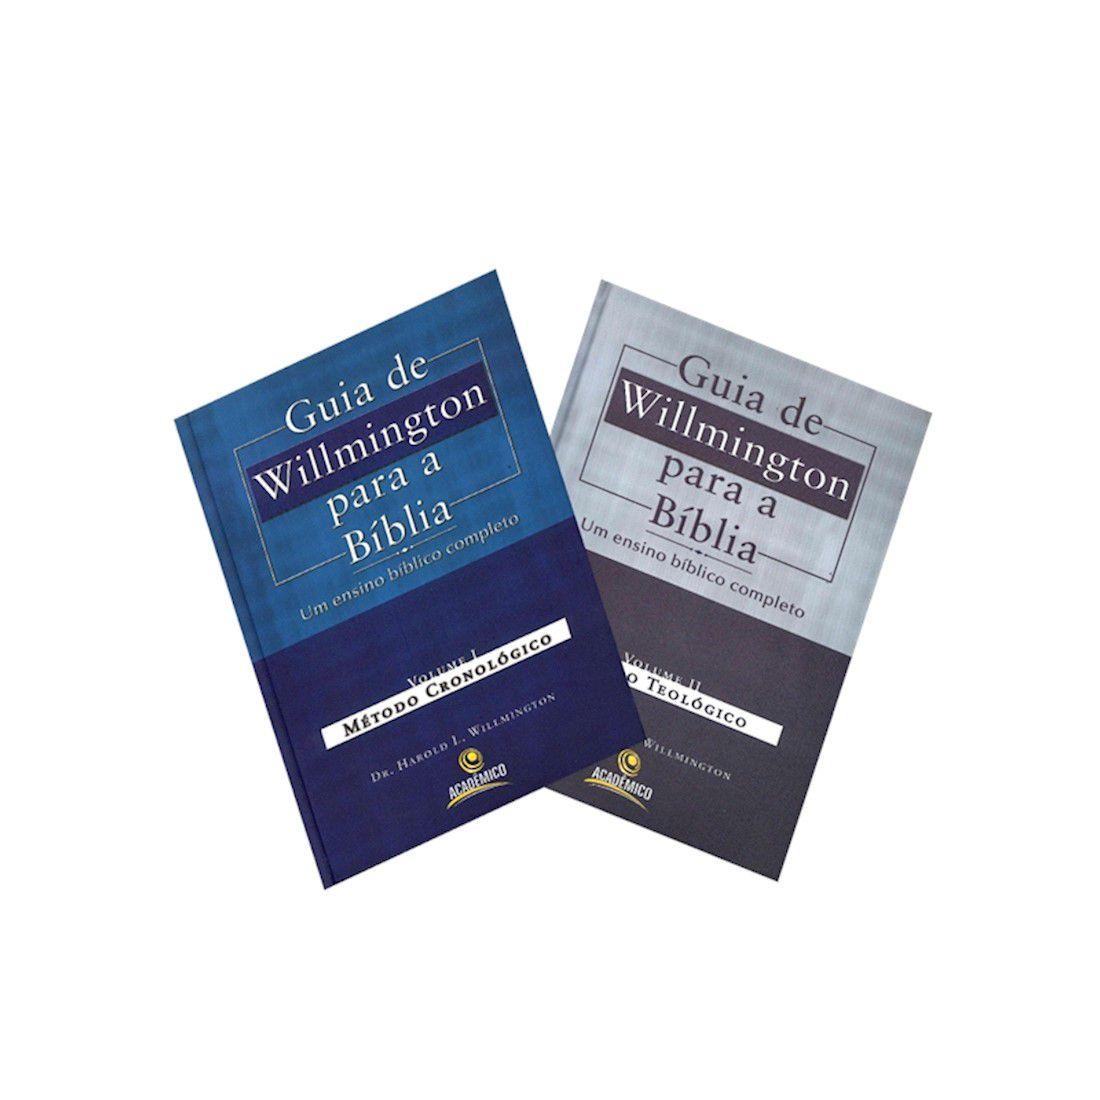 Kit Livro Guia de Willmington Para a Bíblia - Vol. I e II